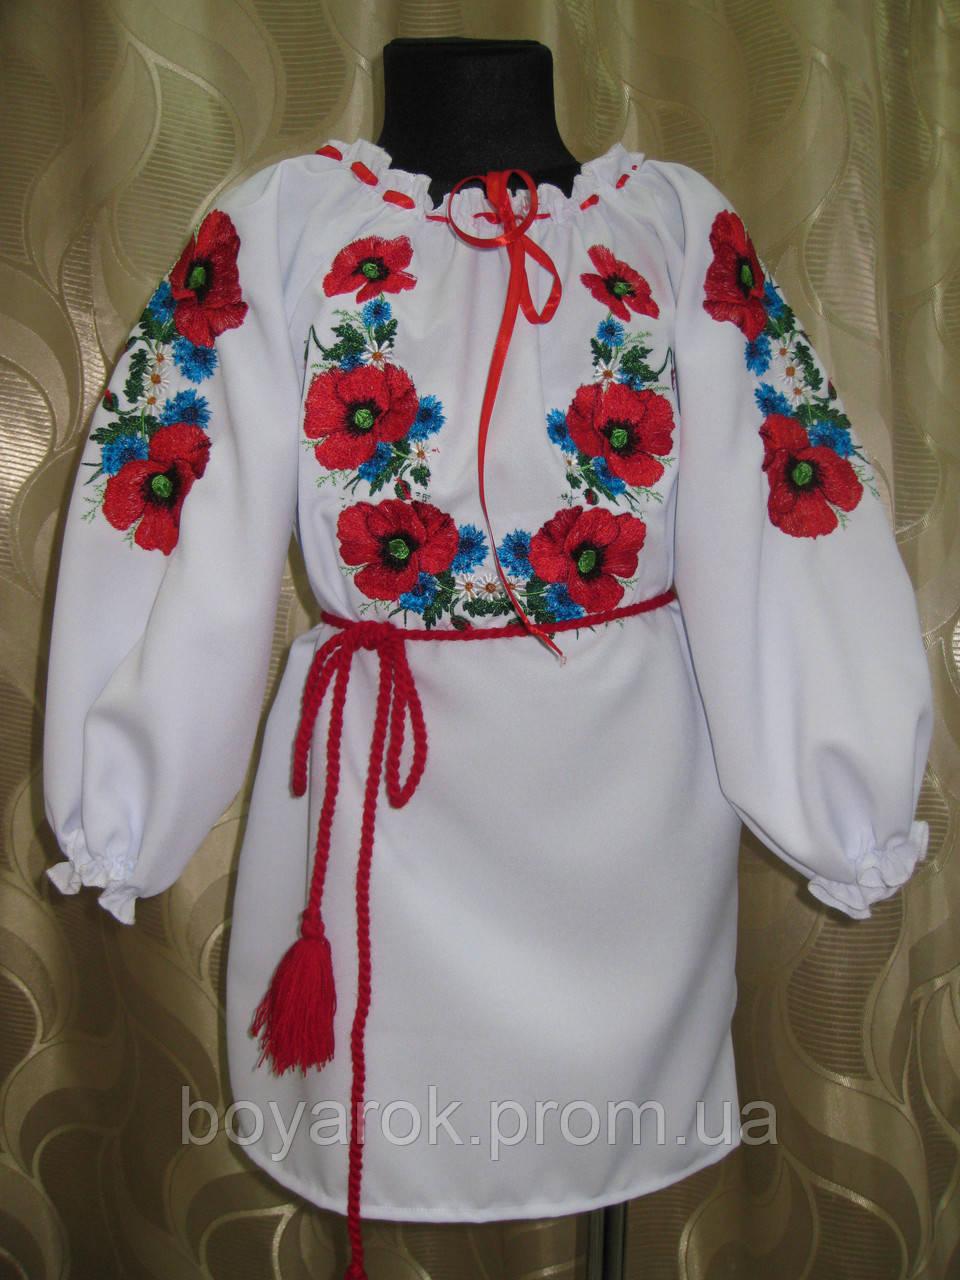 Вишиванка для дівчинки VD-04  продажа d7f23f11d017b